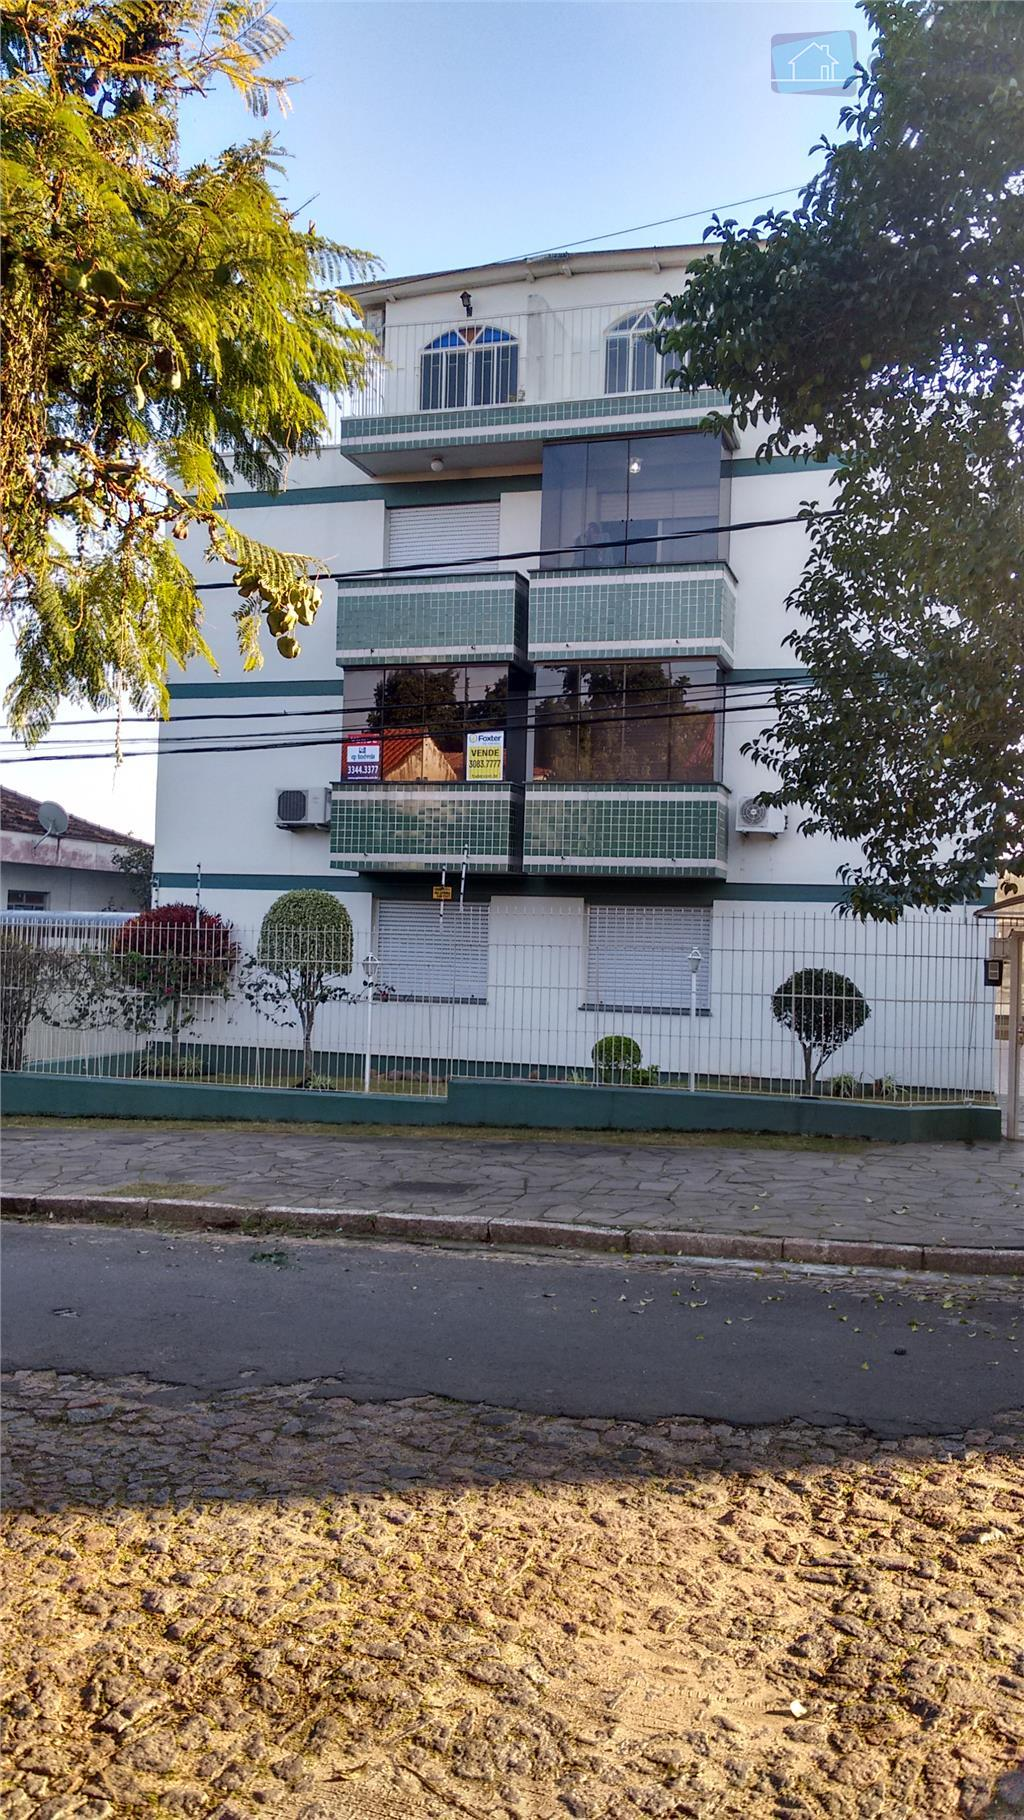 excelente apartamento com 02 dormitórios,sala,cozinha,área de serviço,sacada,01 vaga de garagem,ótima localização.ligue (51) 3341.8626 e agende sua...